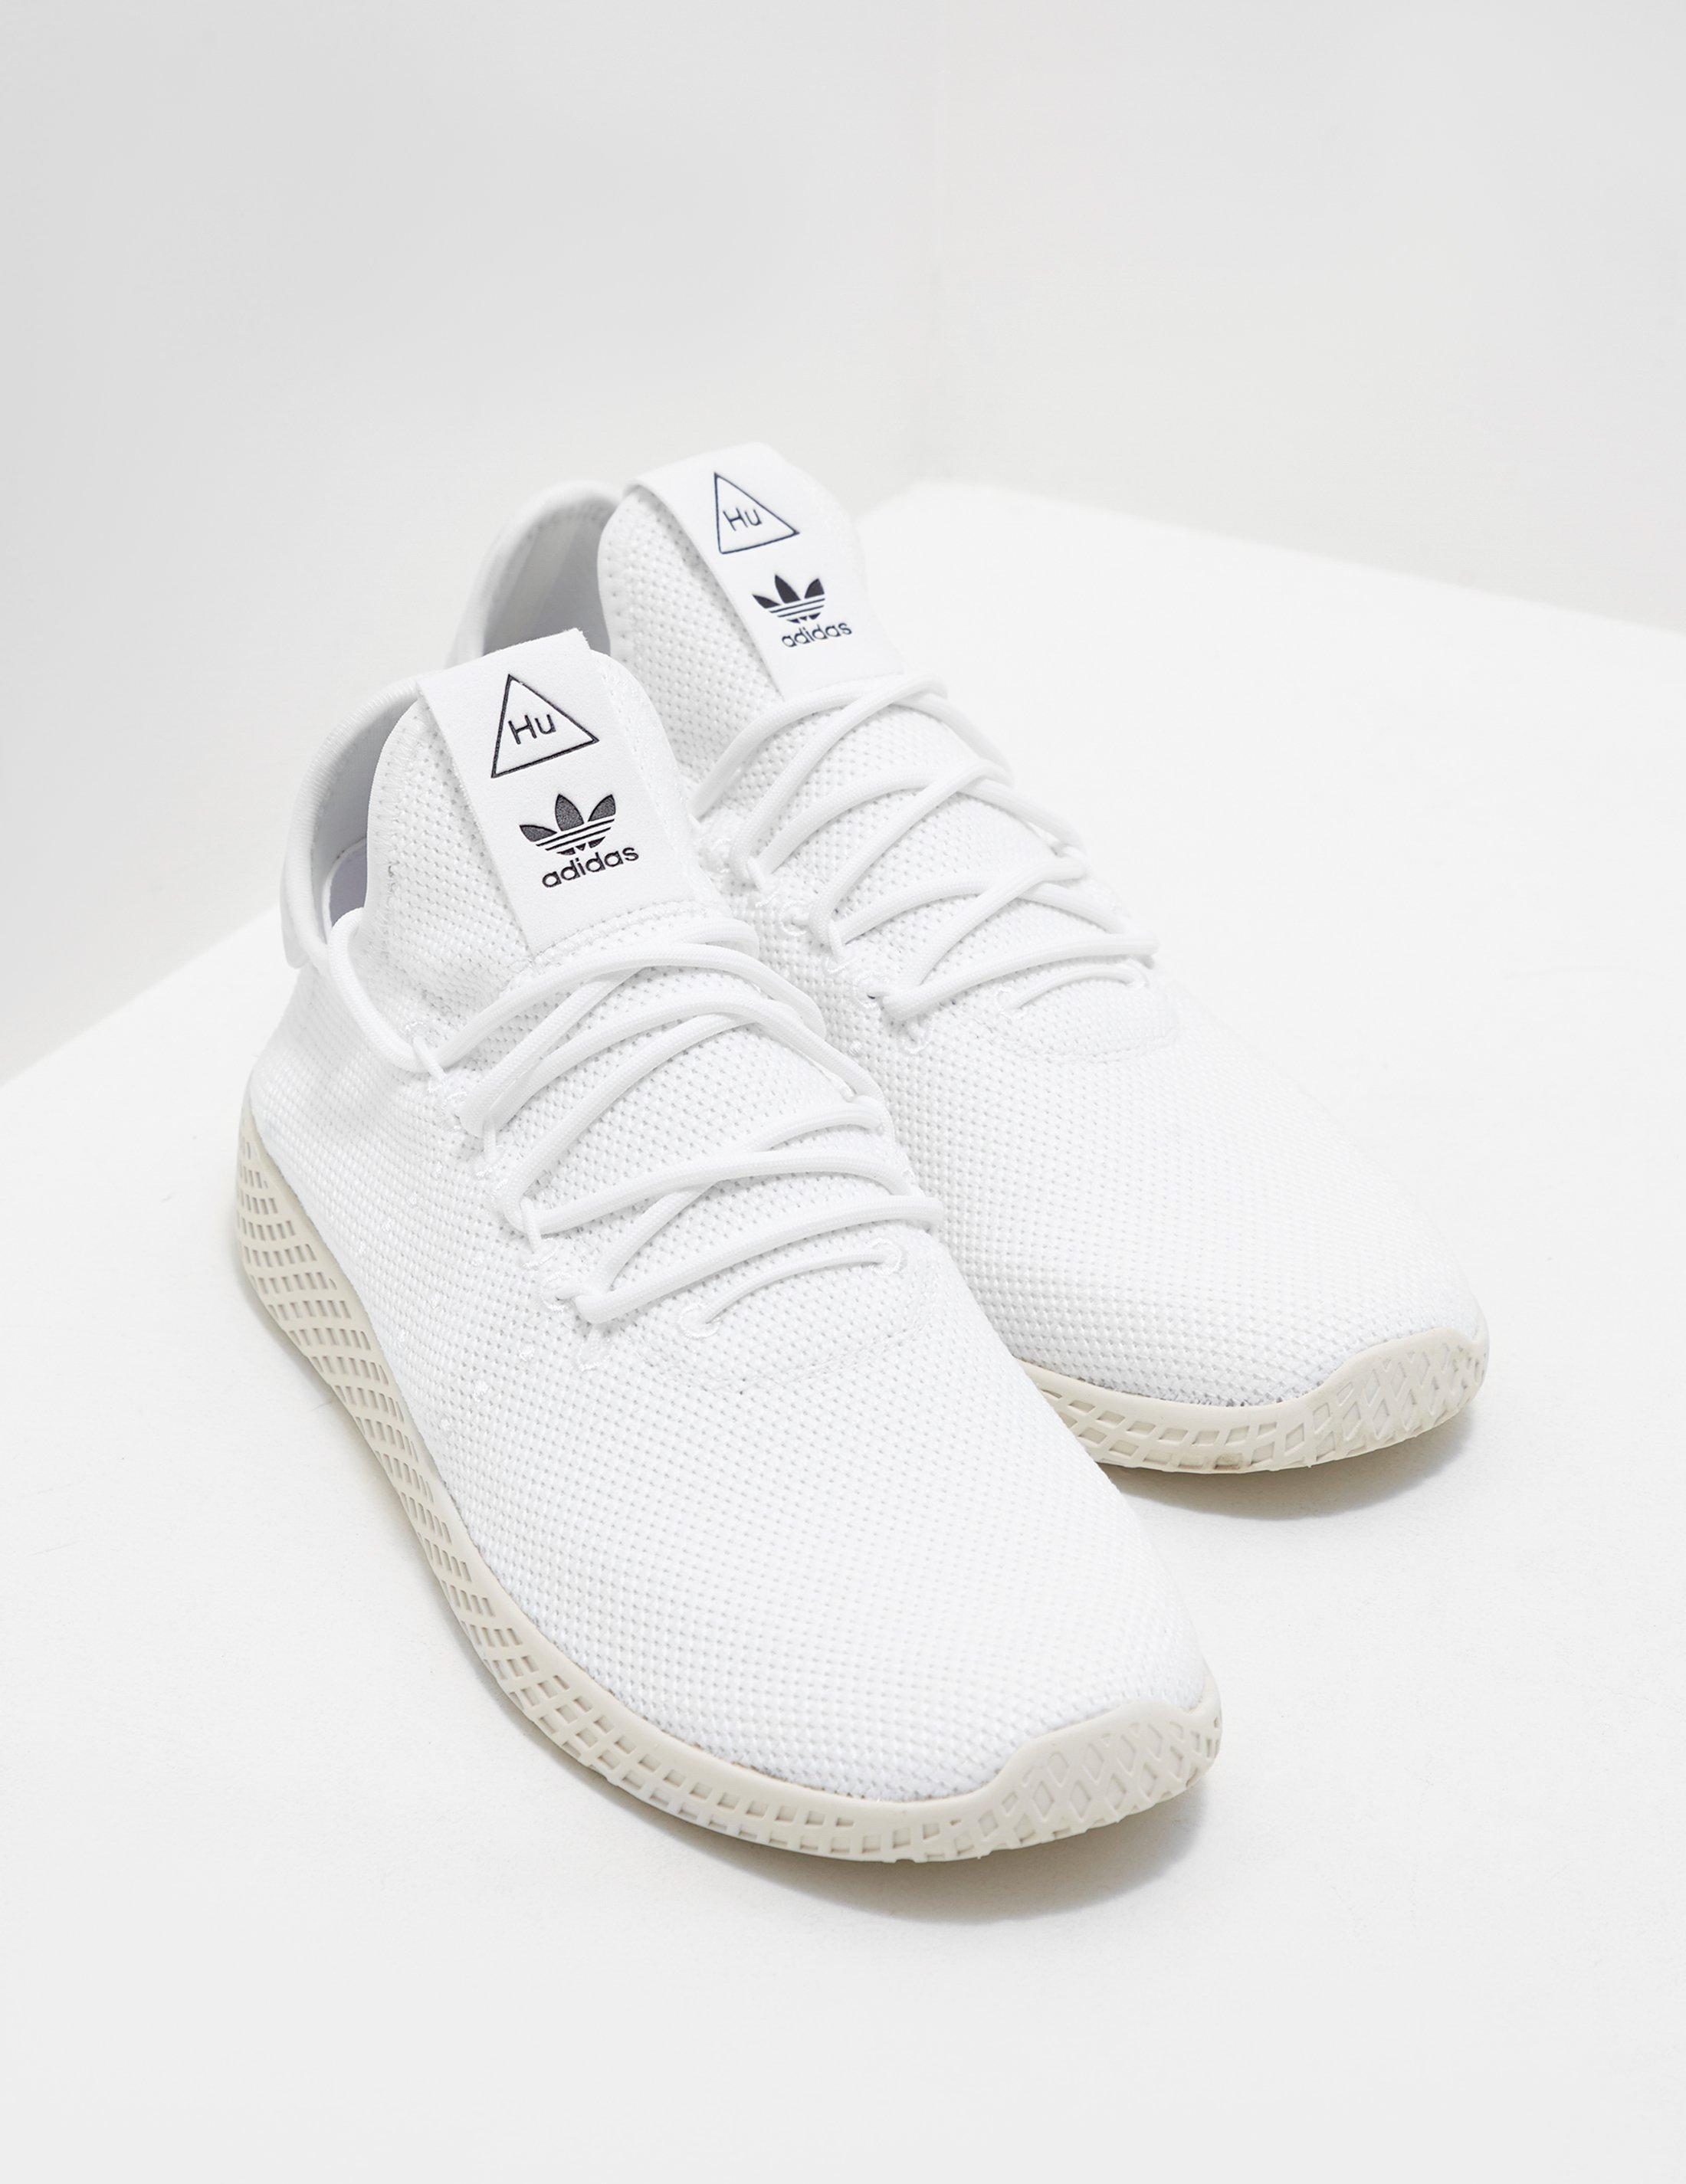 adidas Originals Lace X Pharrell Williams in WhiteBlack